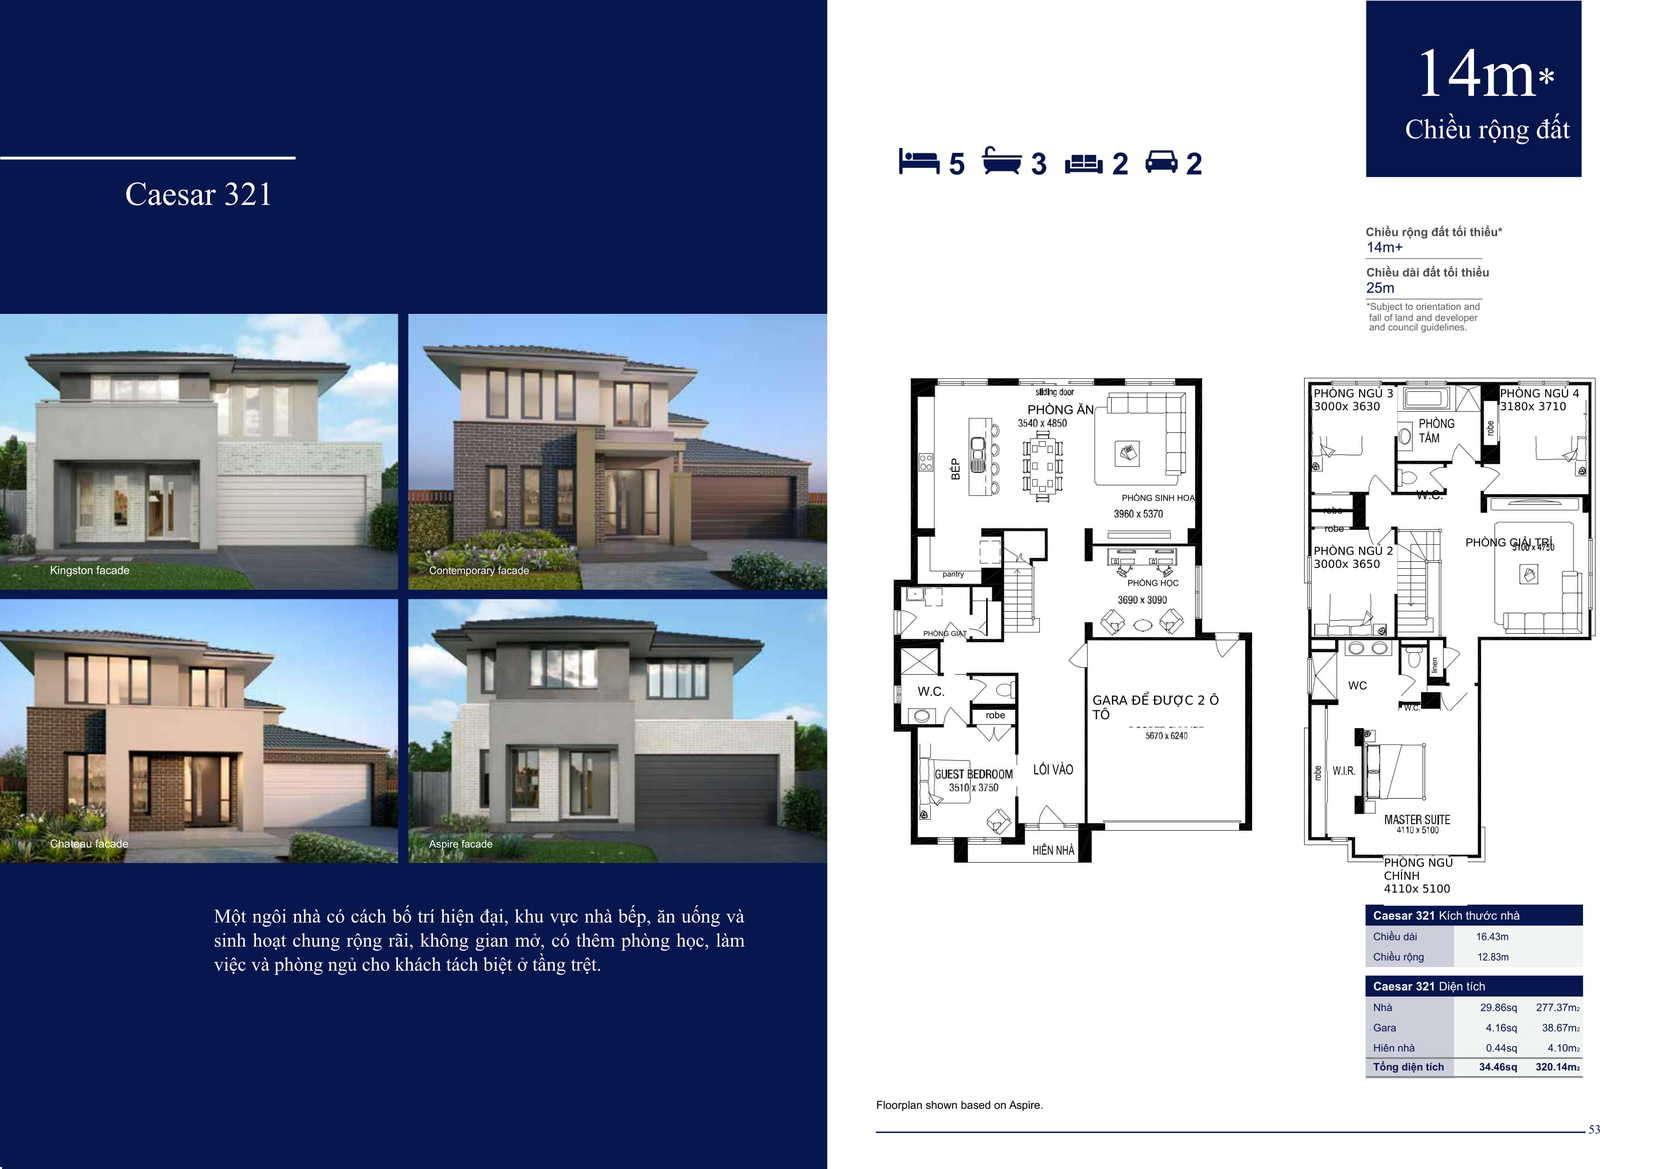 Những ngôi nhà chất lượng, giá cả hợp lý của công ty xây dựngMetricon Homes